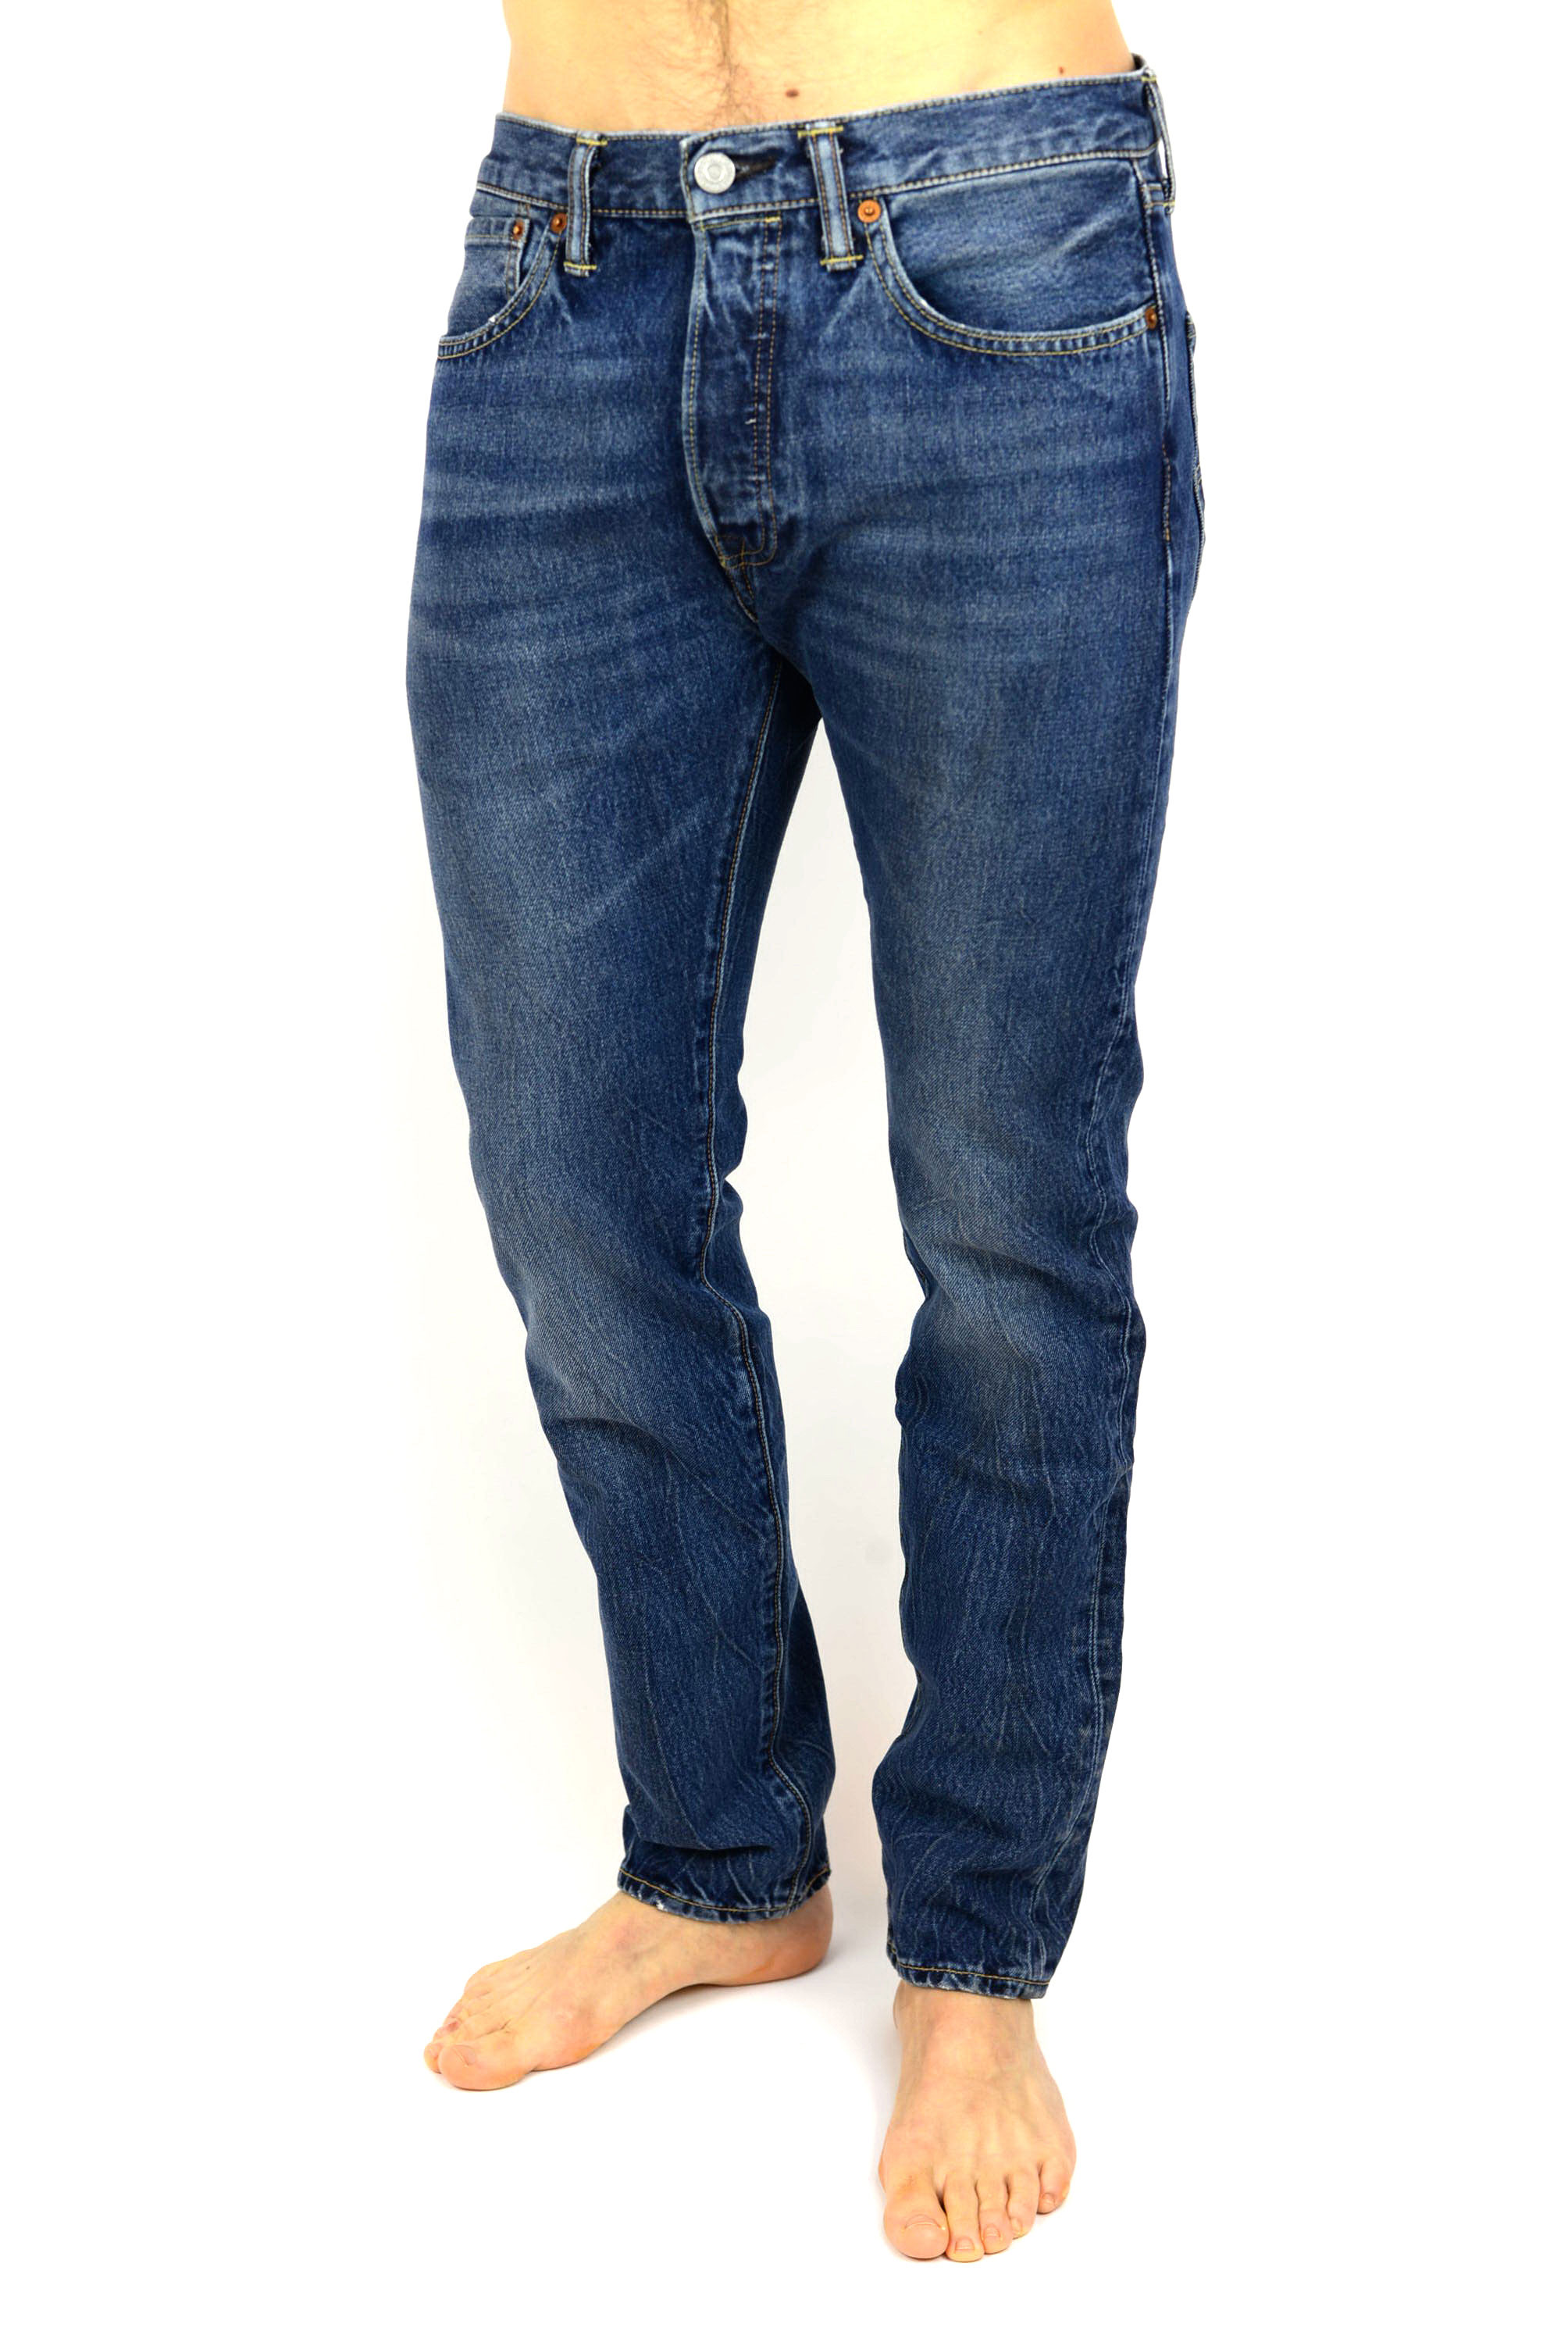 selezione migliore 56abe 5a70e Jeans STRETCH non elasticizzato